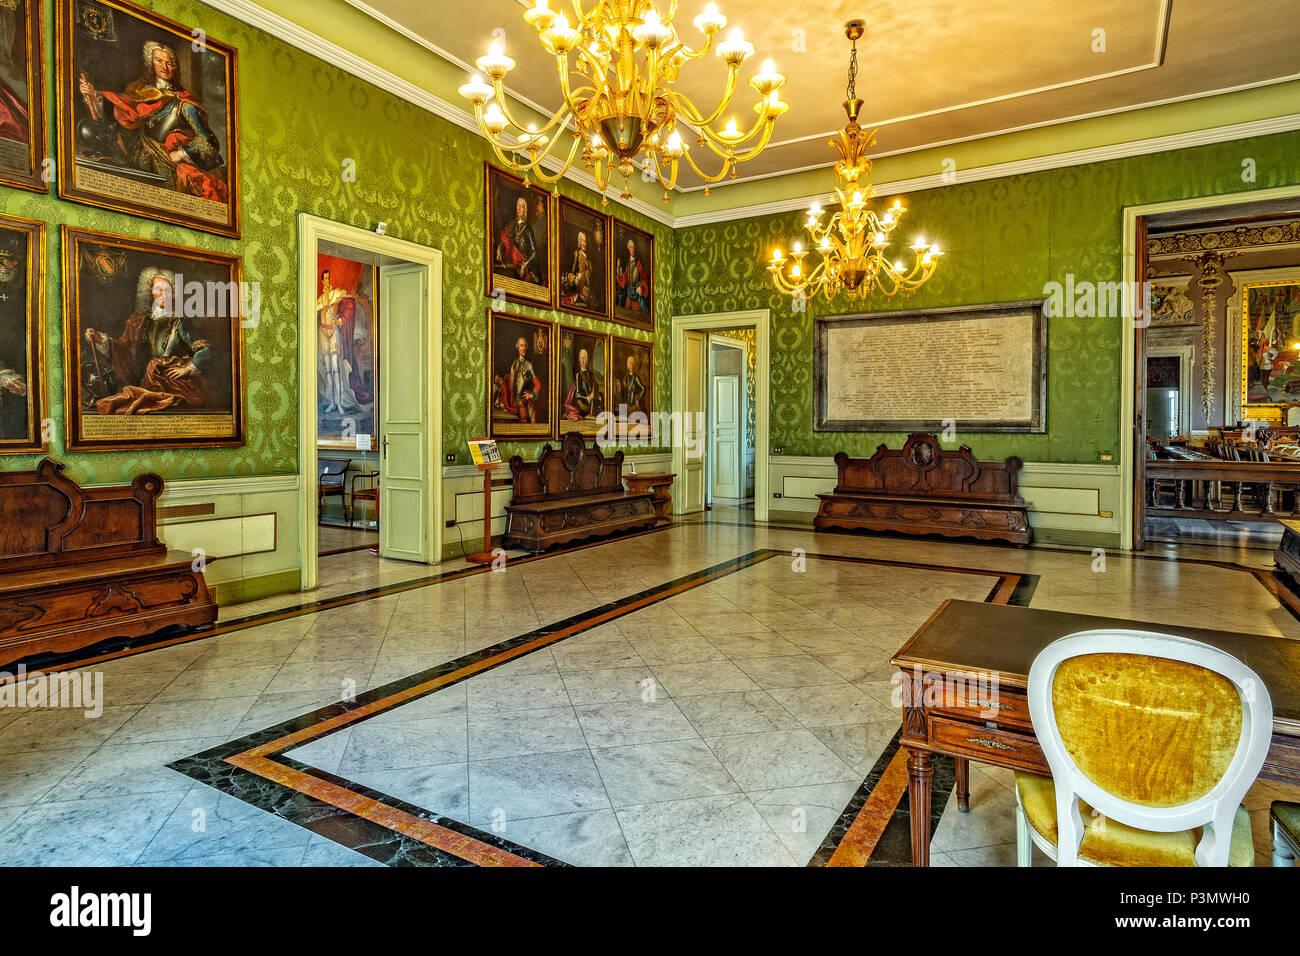 Faszinierend Mwh Savoy Das Beste Von Italy Sardinia Cagliari - Castello ( Casteddu